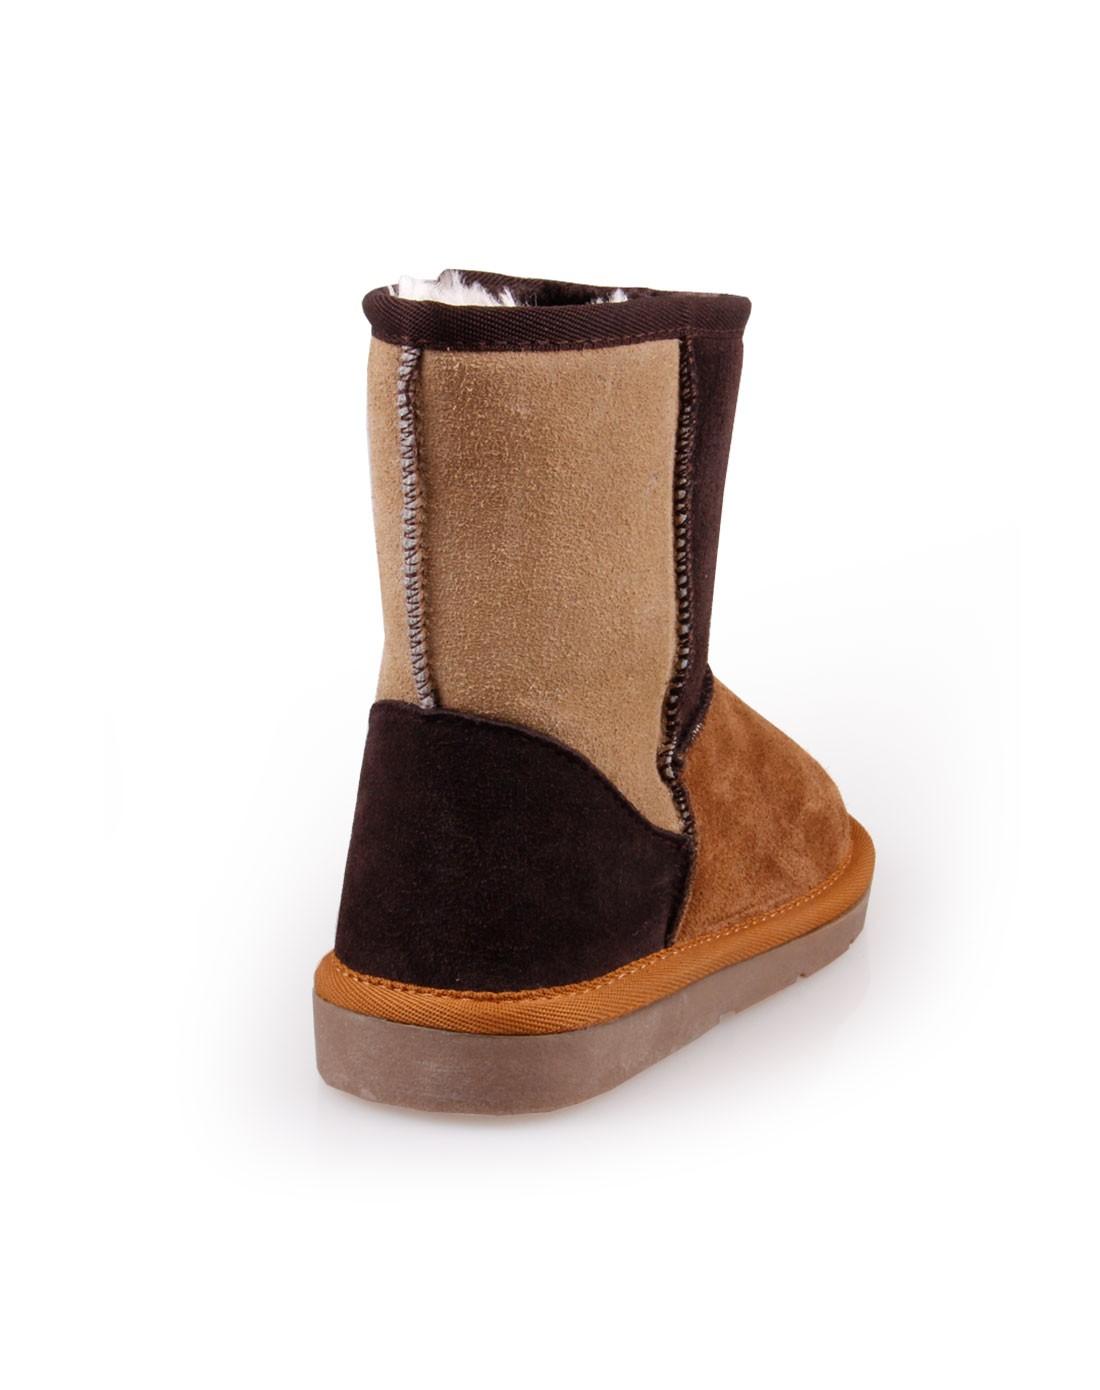 雪地靴哪个牌子最好_女童棕色韩版雪地靴